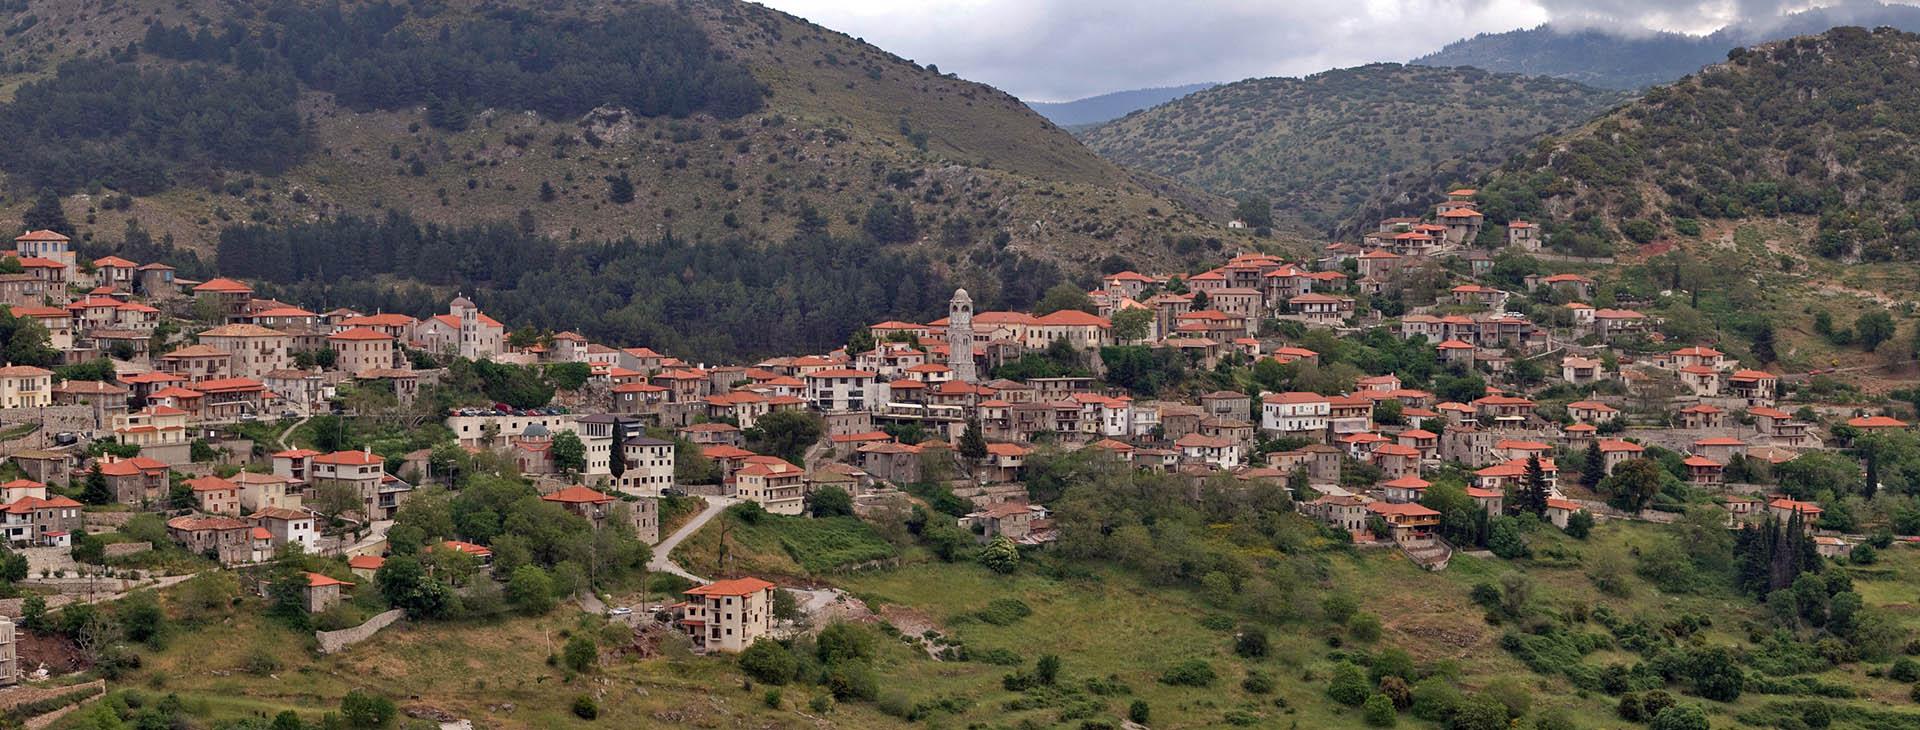 Dimitsana, Arcadia